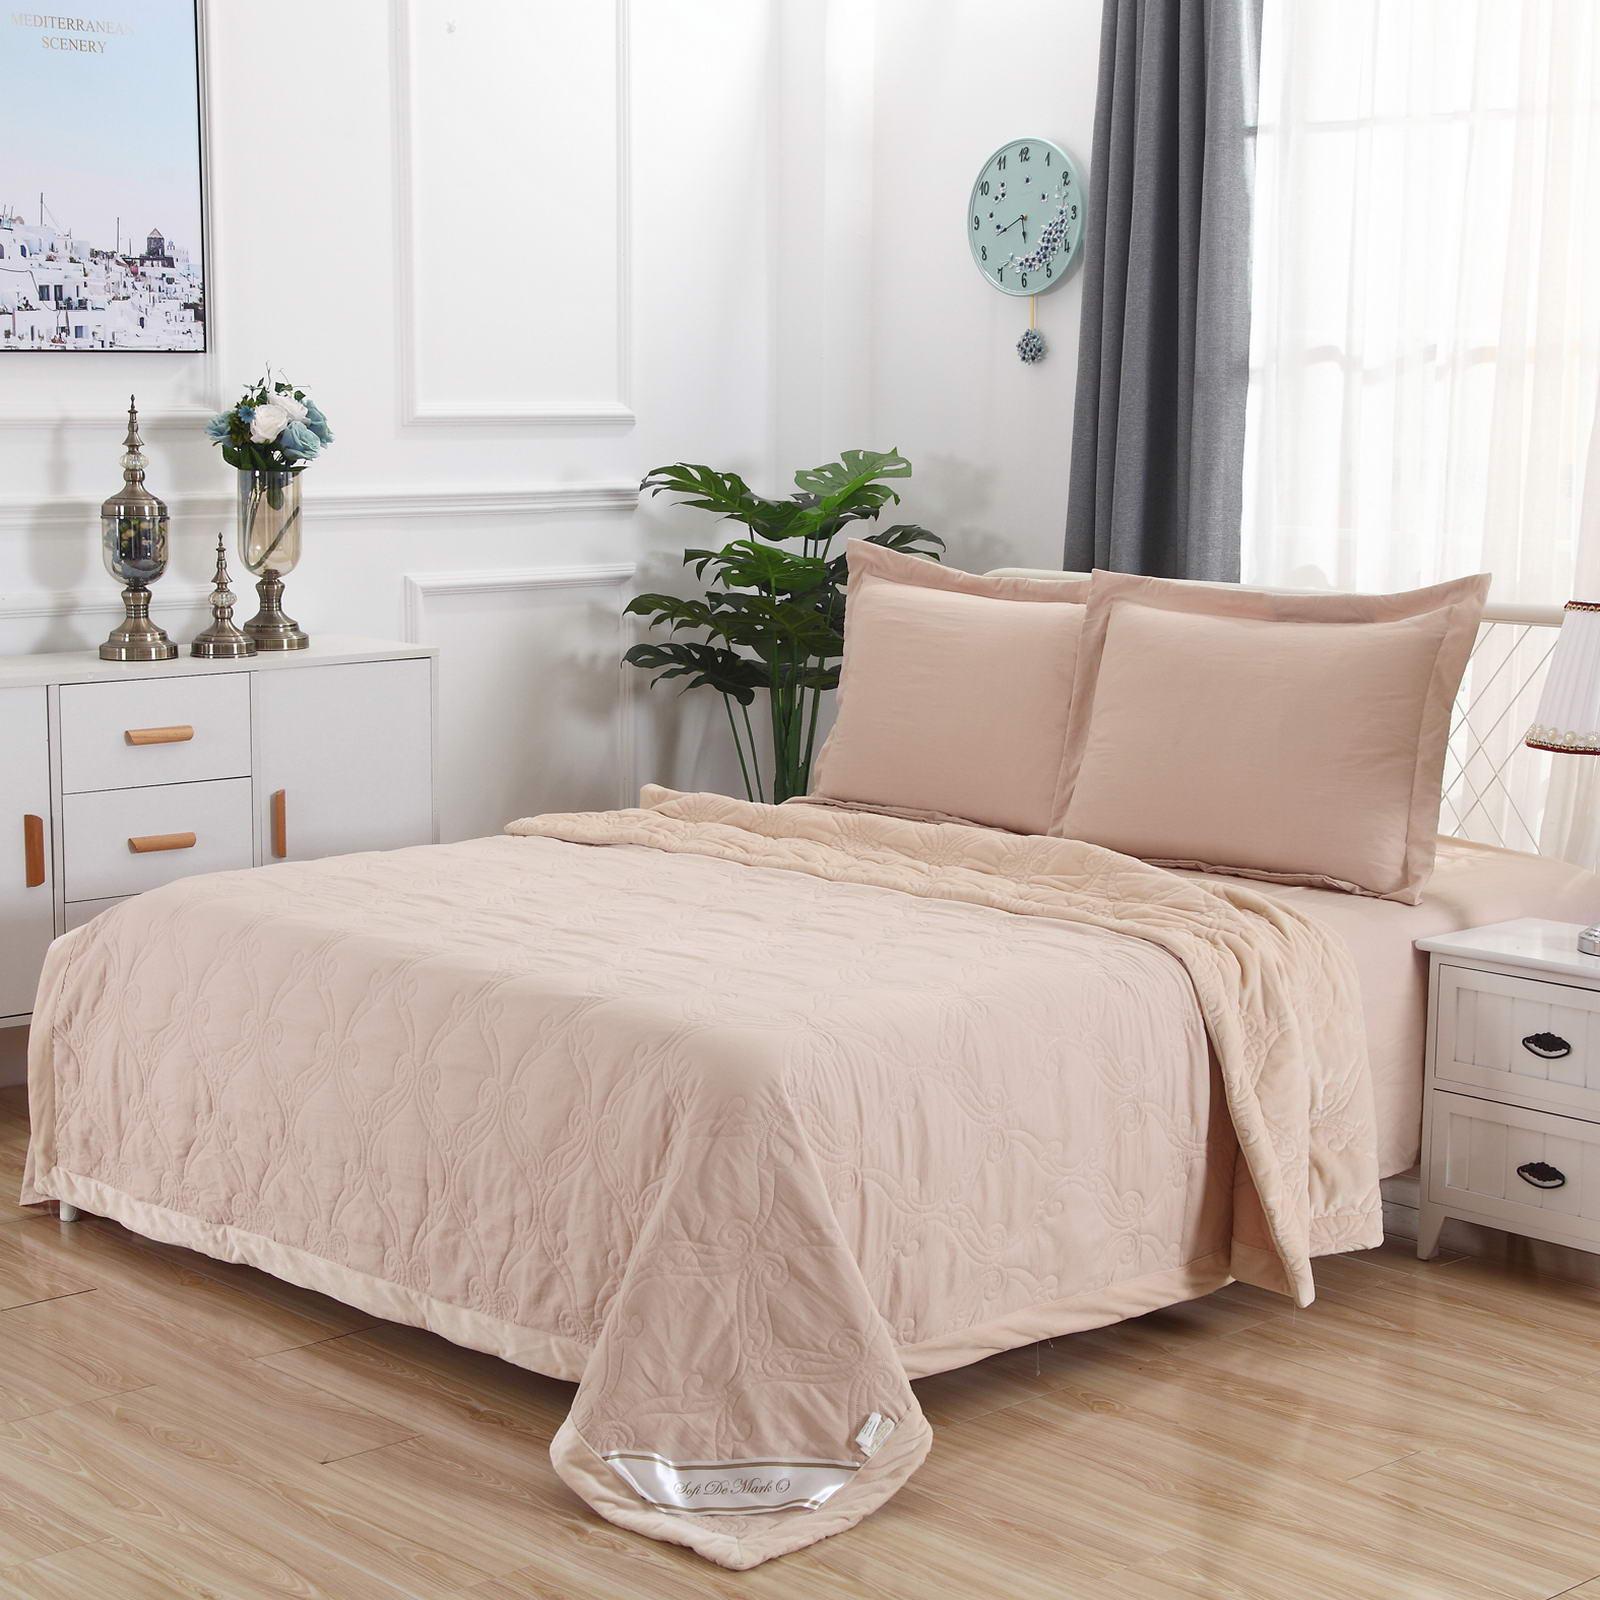 Комплект постельного белья с одеялом Sofi De Marko Тоскана Евро (ЕВРО-КОМ-В5Т)